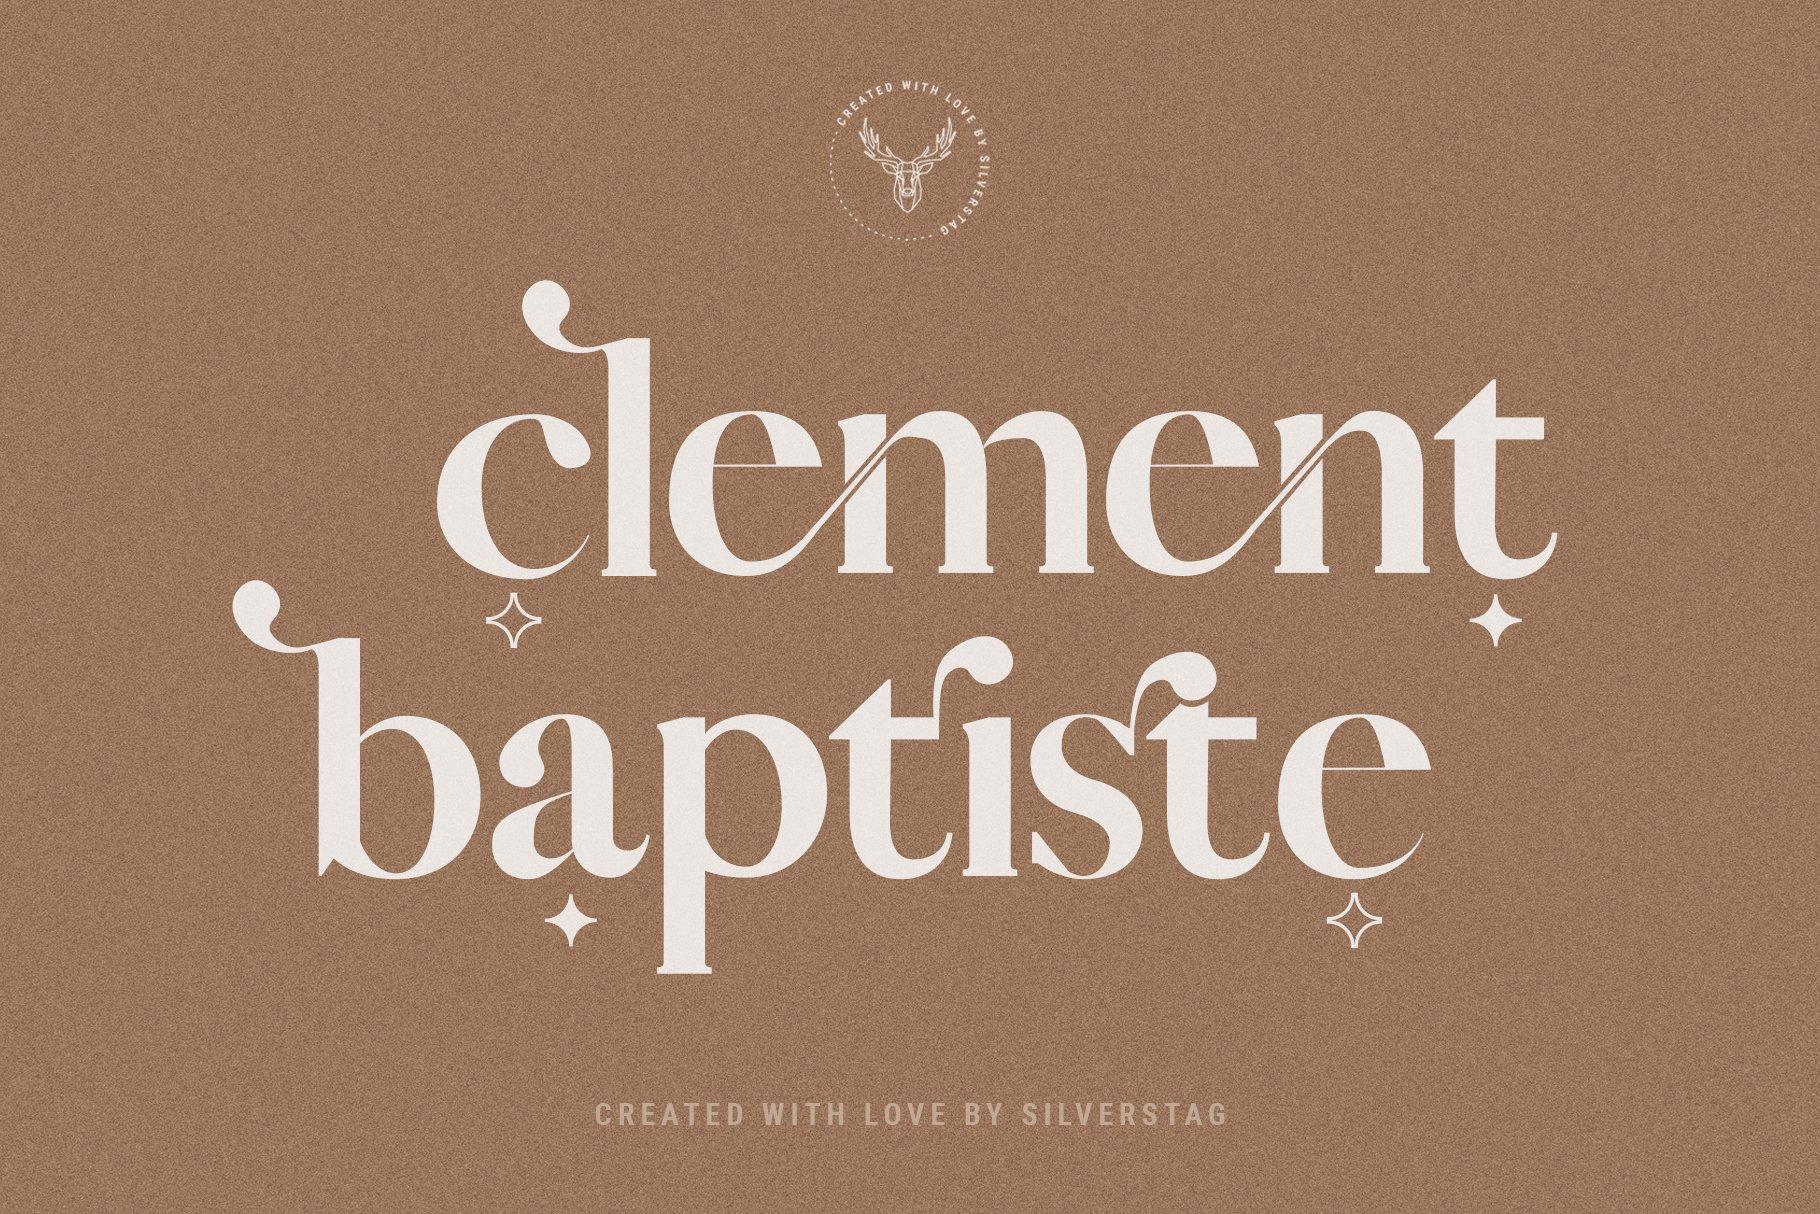 Vicky Christina - Chic & Stylish Ligature Serif Font example image 12